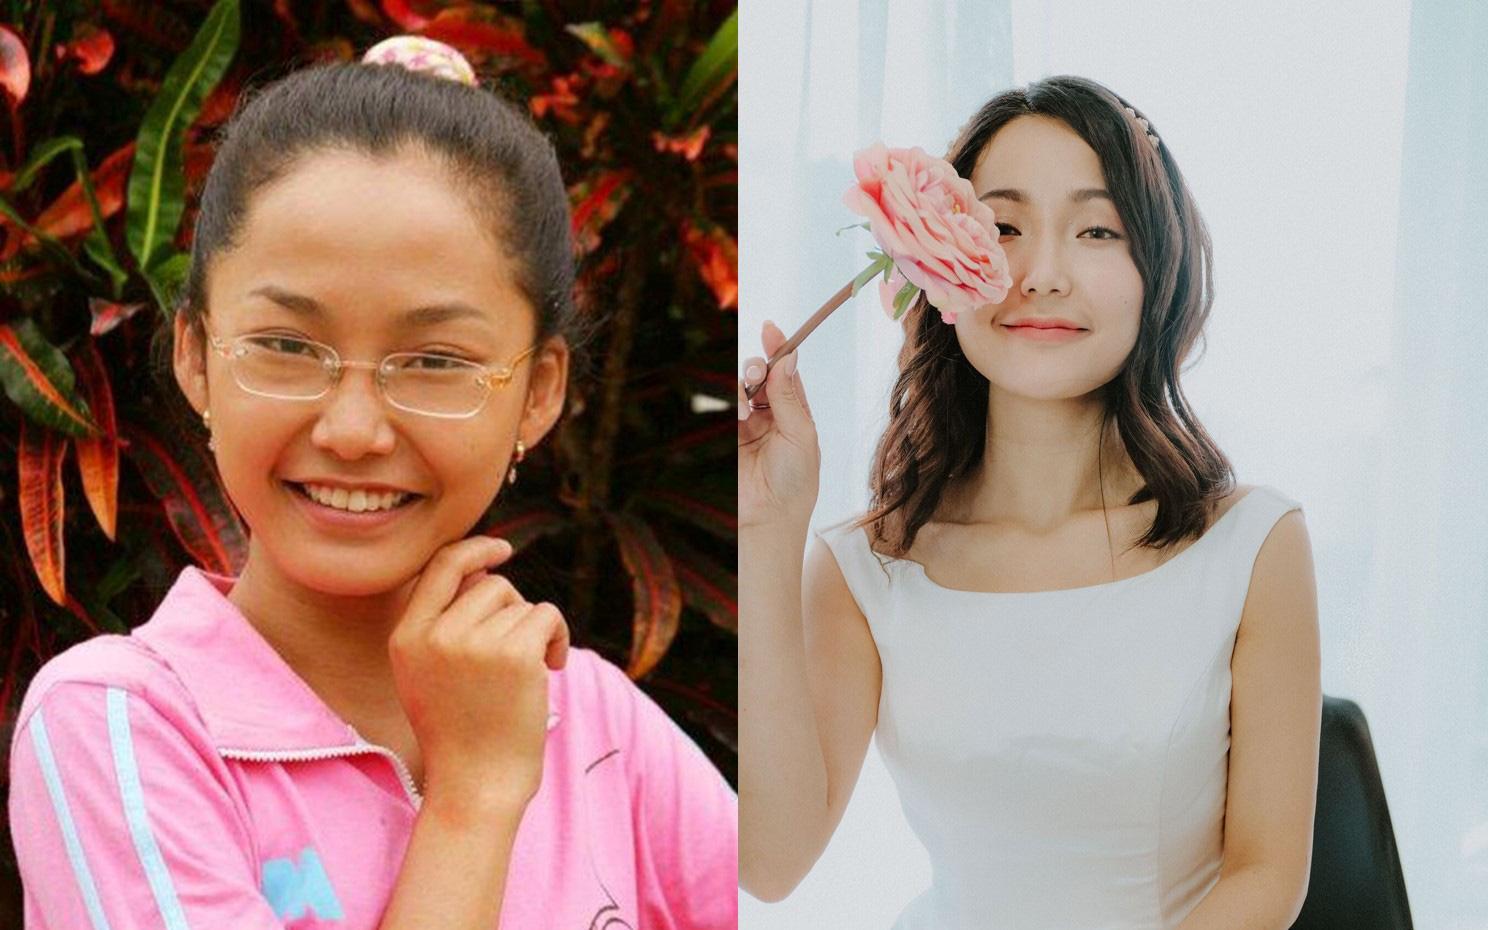 Nhỏ Hạnh trong Kính Vạn Hoa sau 16 năm: Nhận học bổng khi đang đóng phim, đi du học giờ làm cô giáo xinh hack tuổi